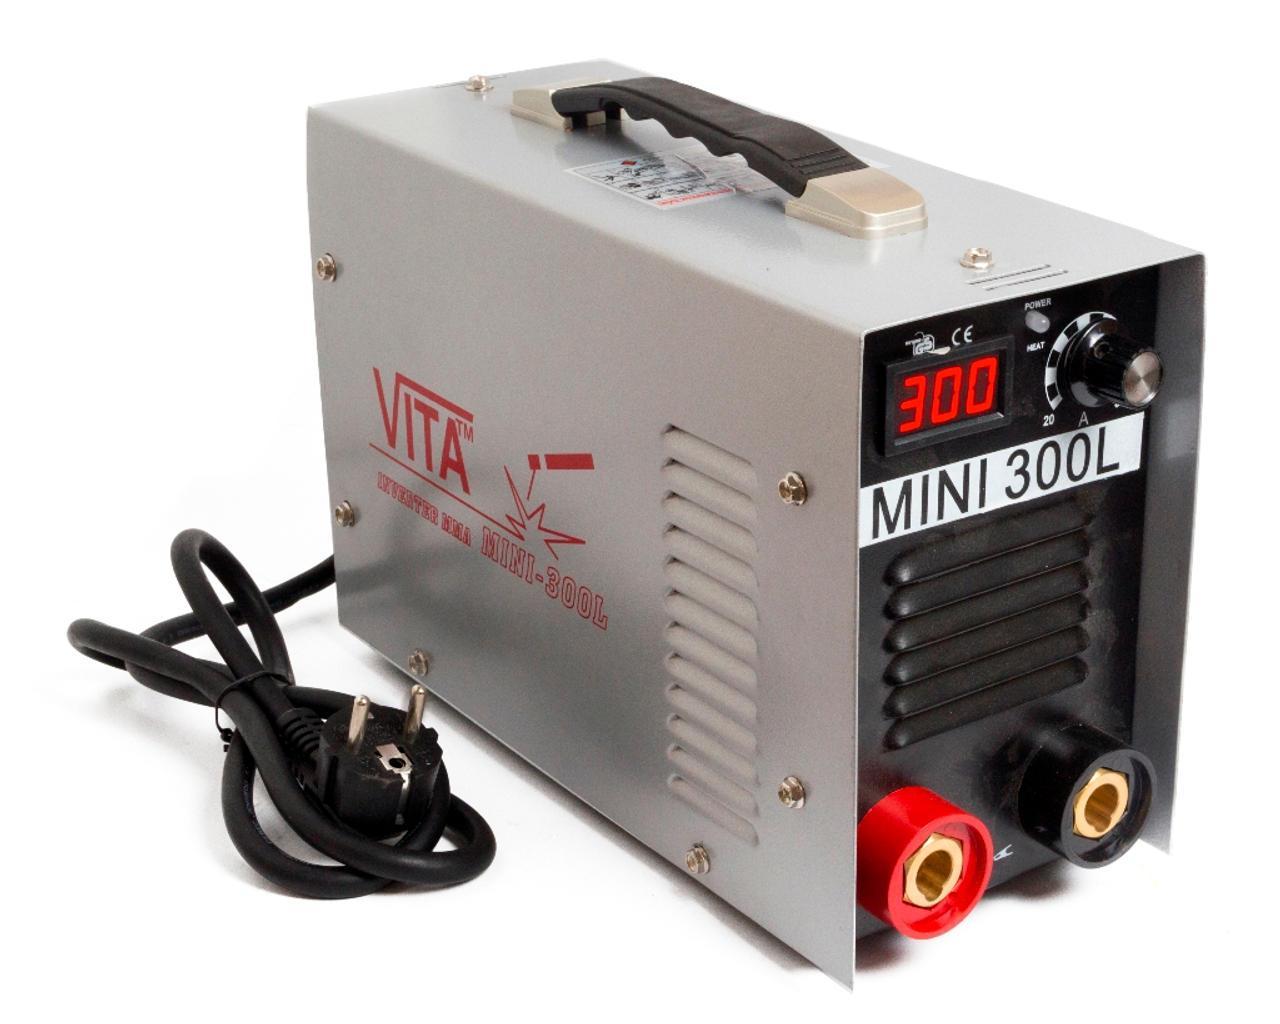 Инвертор ММА-300 mini в металлическом кейсе